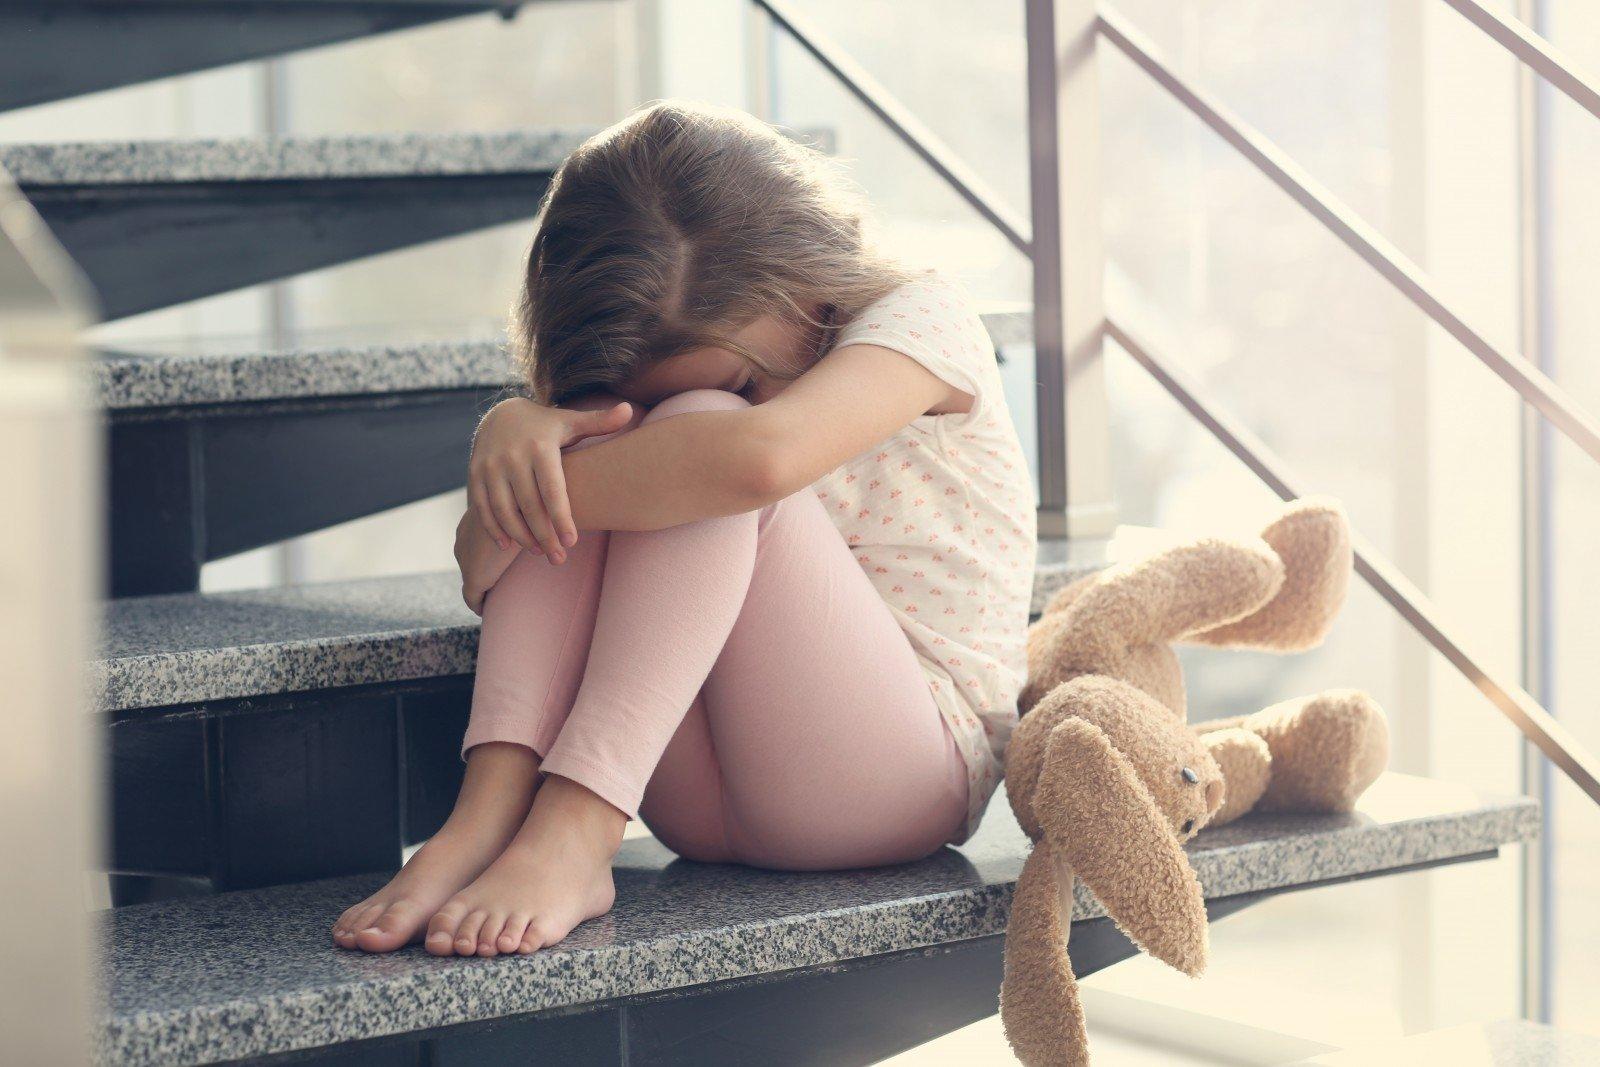 Психолог назвала три важных принципа наказания детей